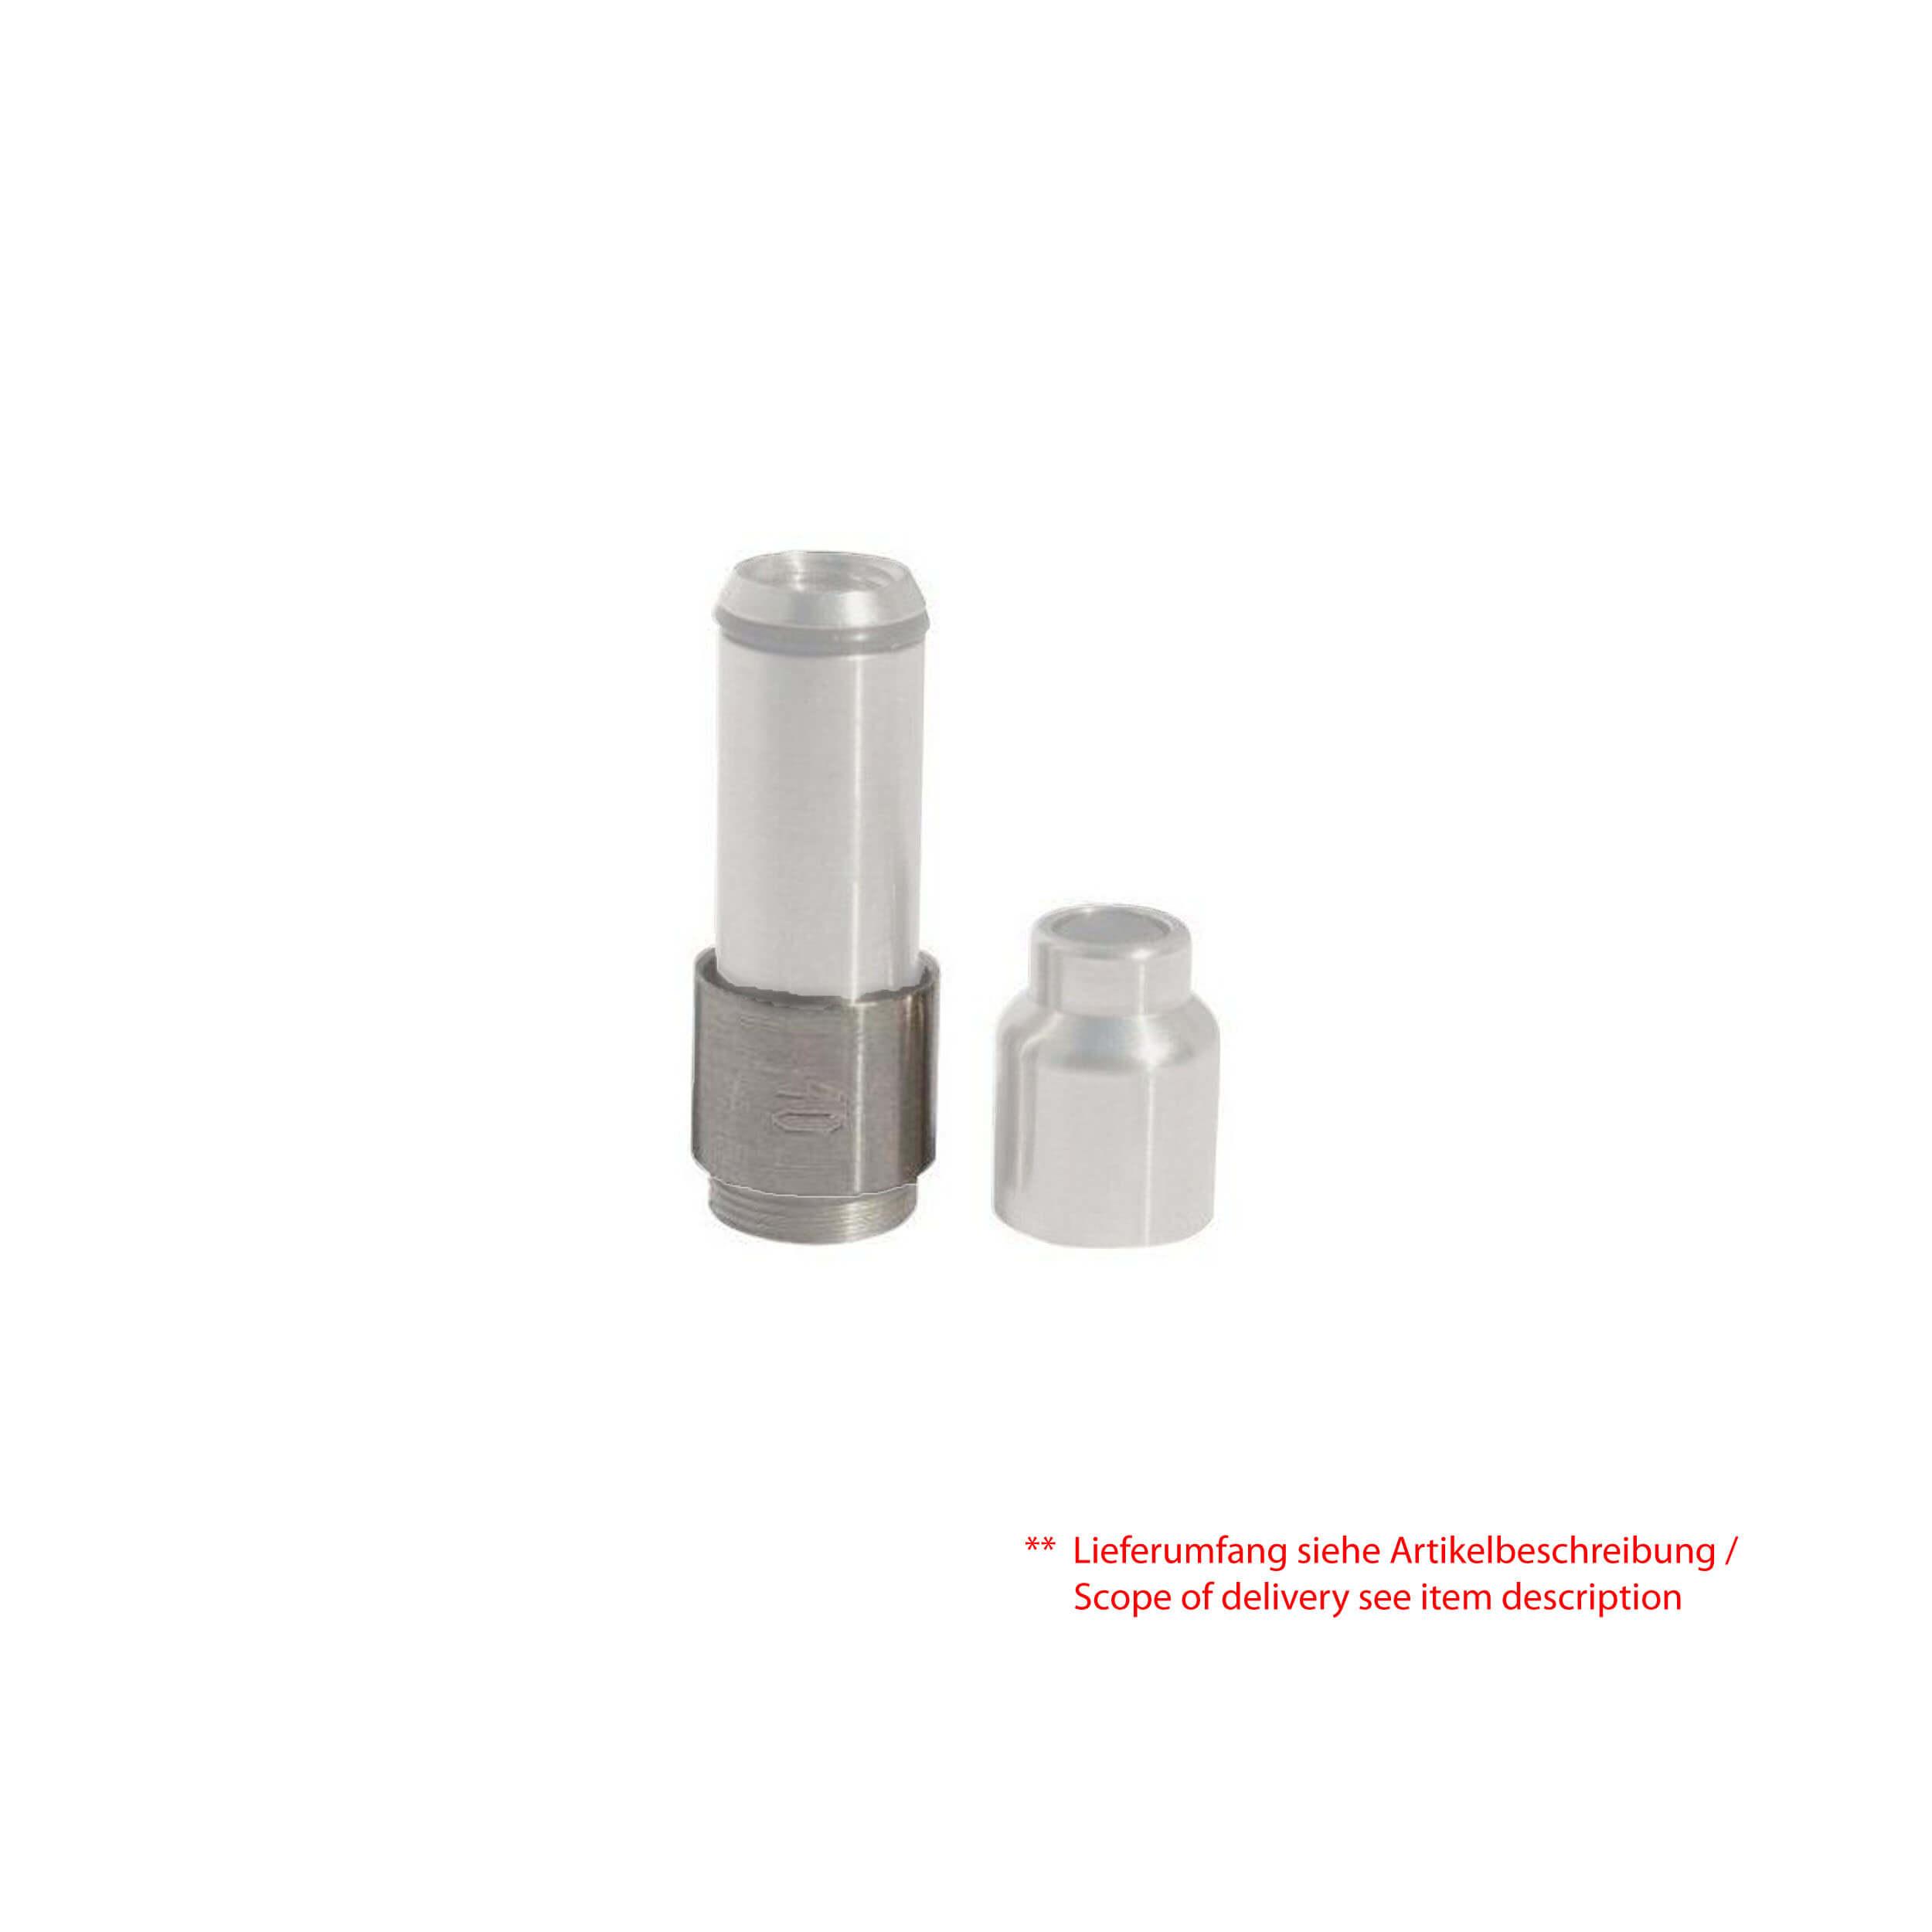 Adapter Ring in Caliber .45 GAP - 045GAP